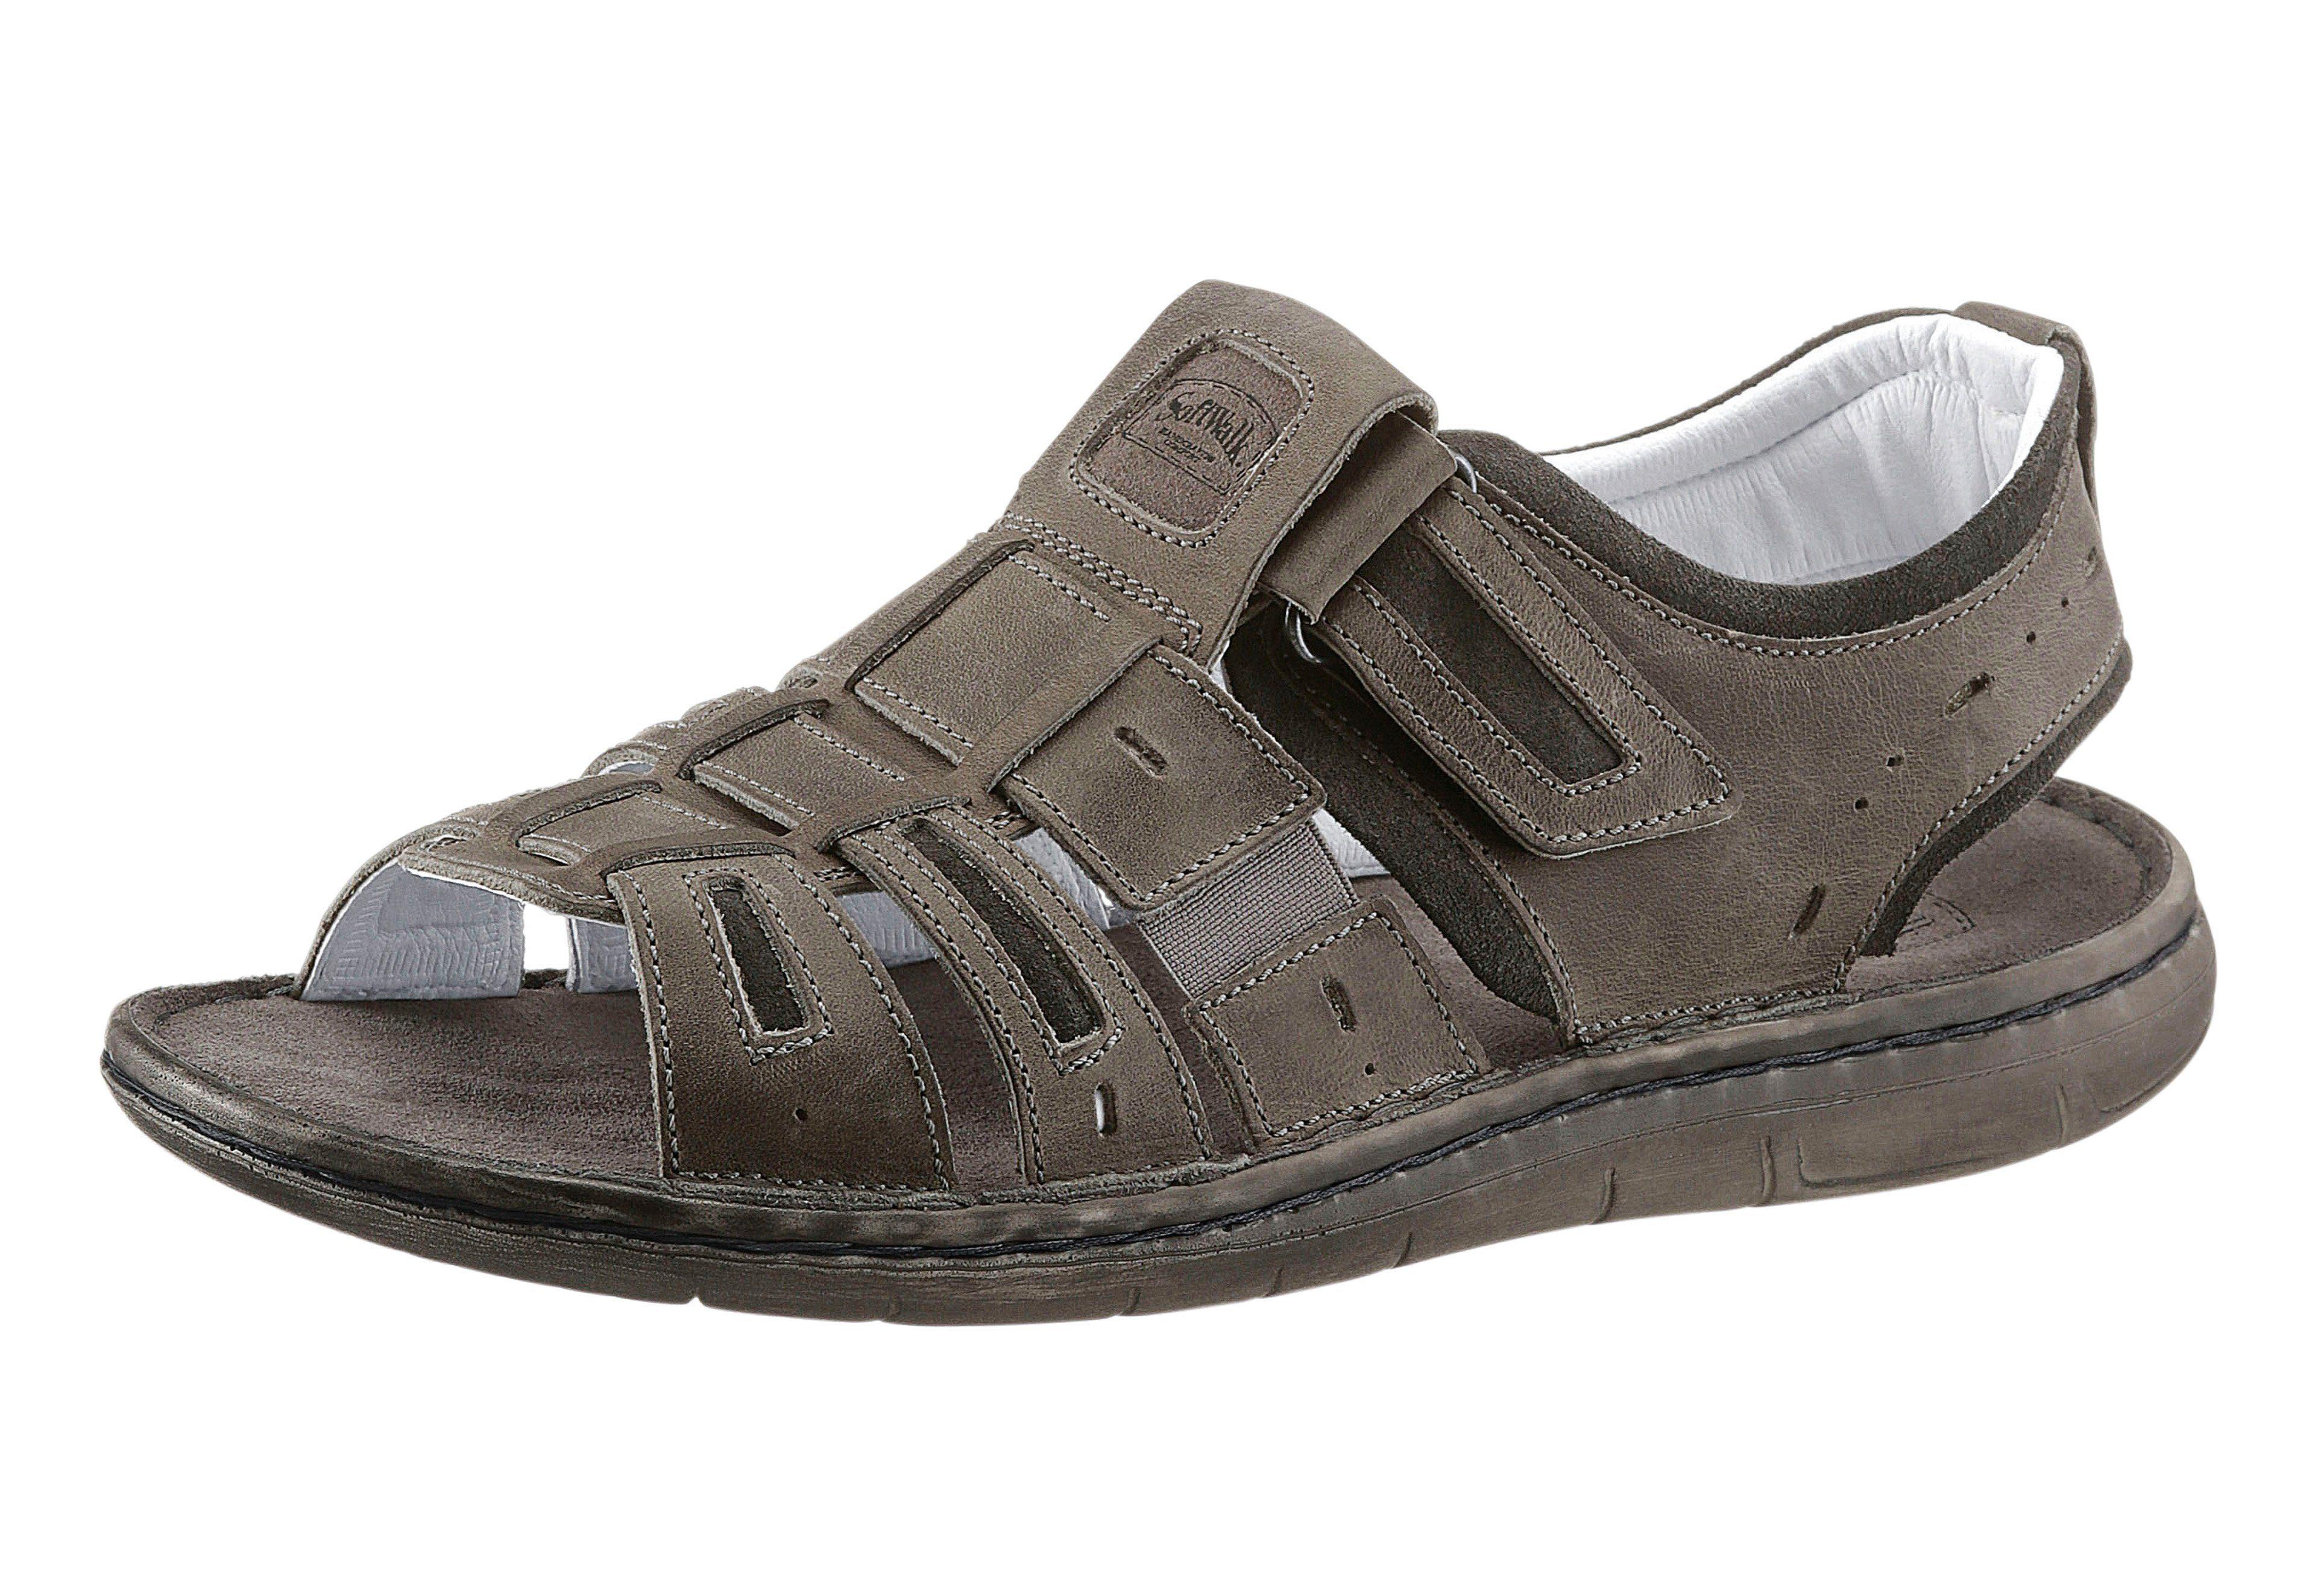 Leder Softwalk Fußbett Mit Weichem Sandale KaufenOtto QrCWxBoedE